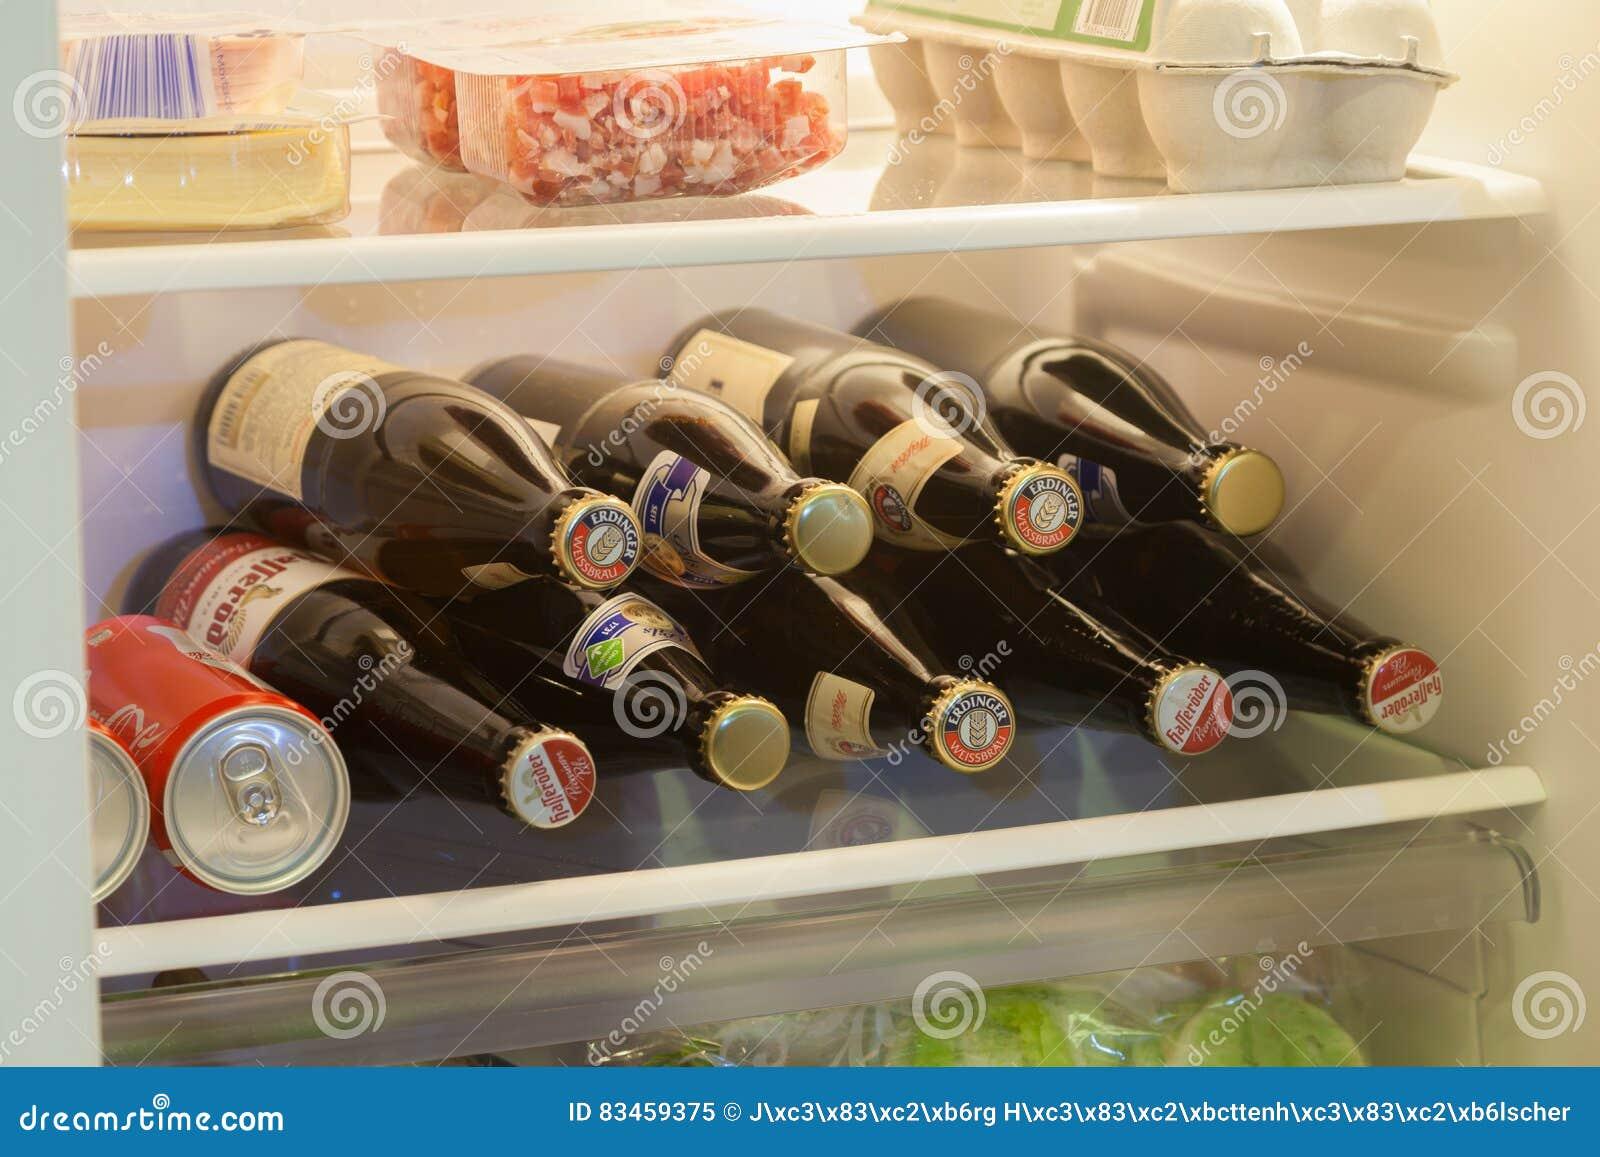 Bouteilles à bière diverses